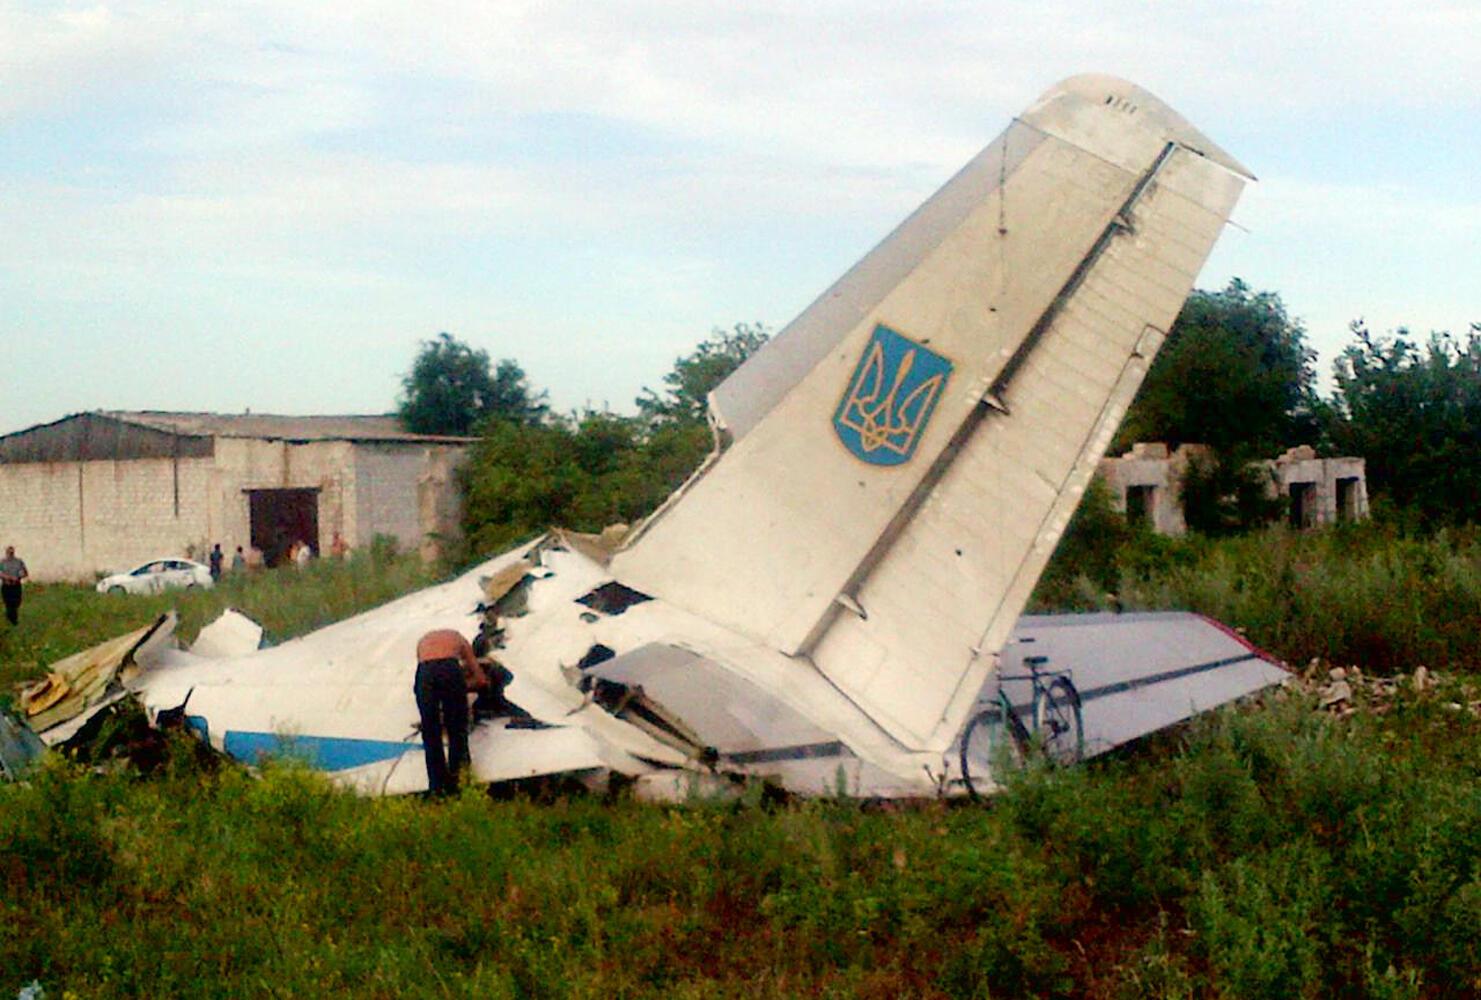 Destrços do avião militar ucraniano abatido por um míssil na região de Luhansk, na segunda-feira (14).